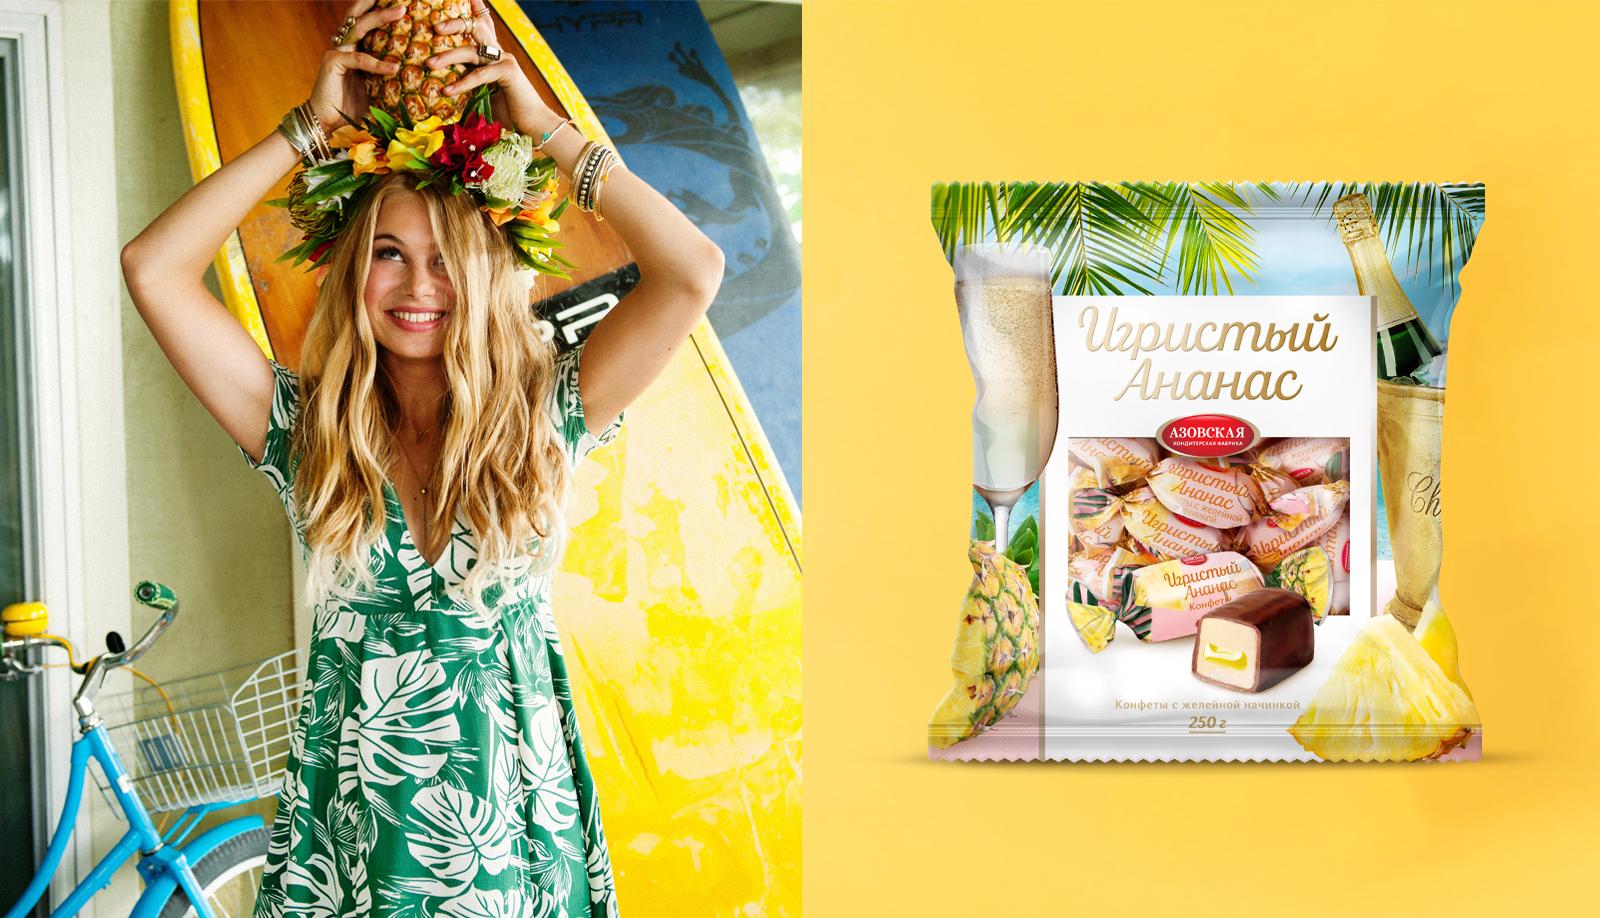 Дизайн упаковки конфет «Игристый Ананас» с легким свежим и любимым всеми вкусом ананасов в шампанском подчеркивает позиционирование продукта для истинных гурманов.